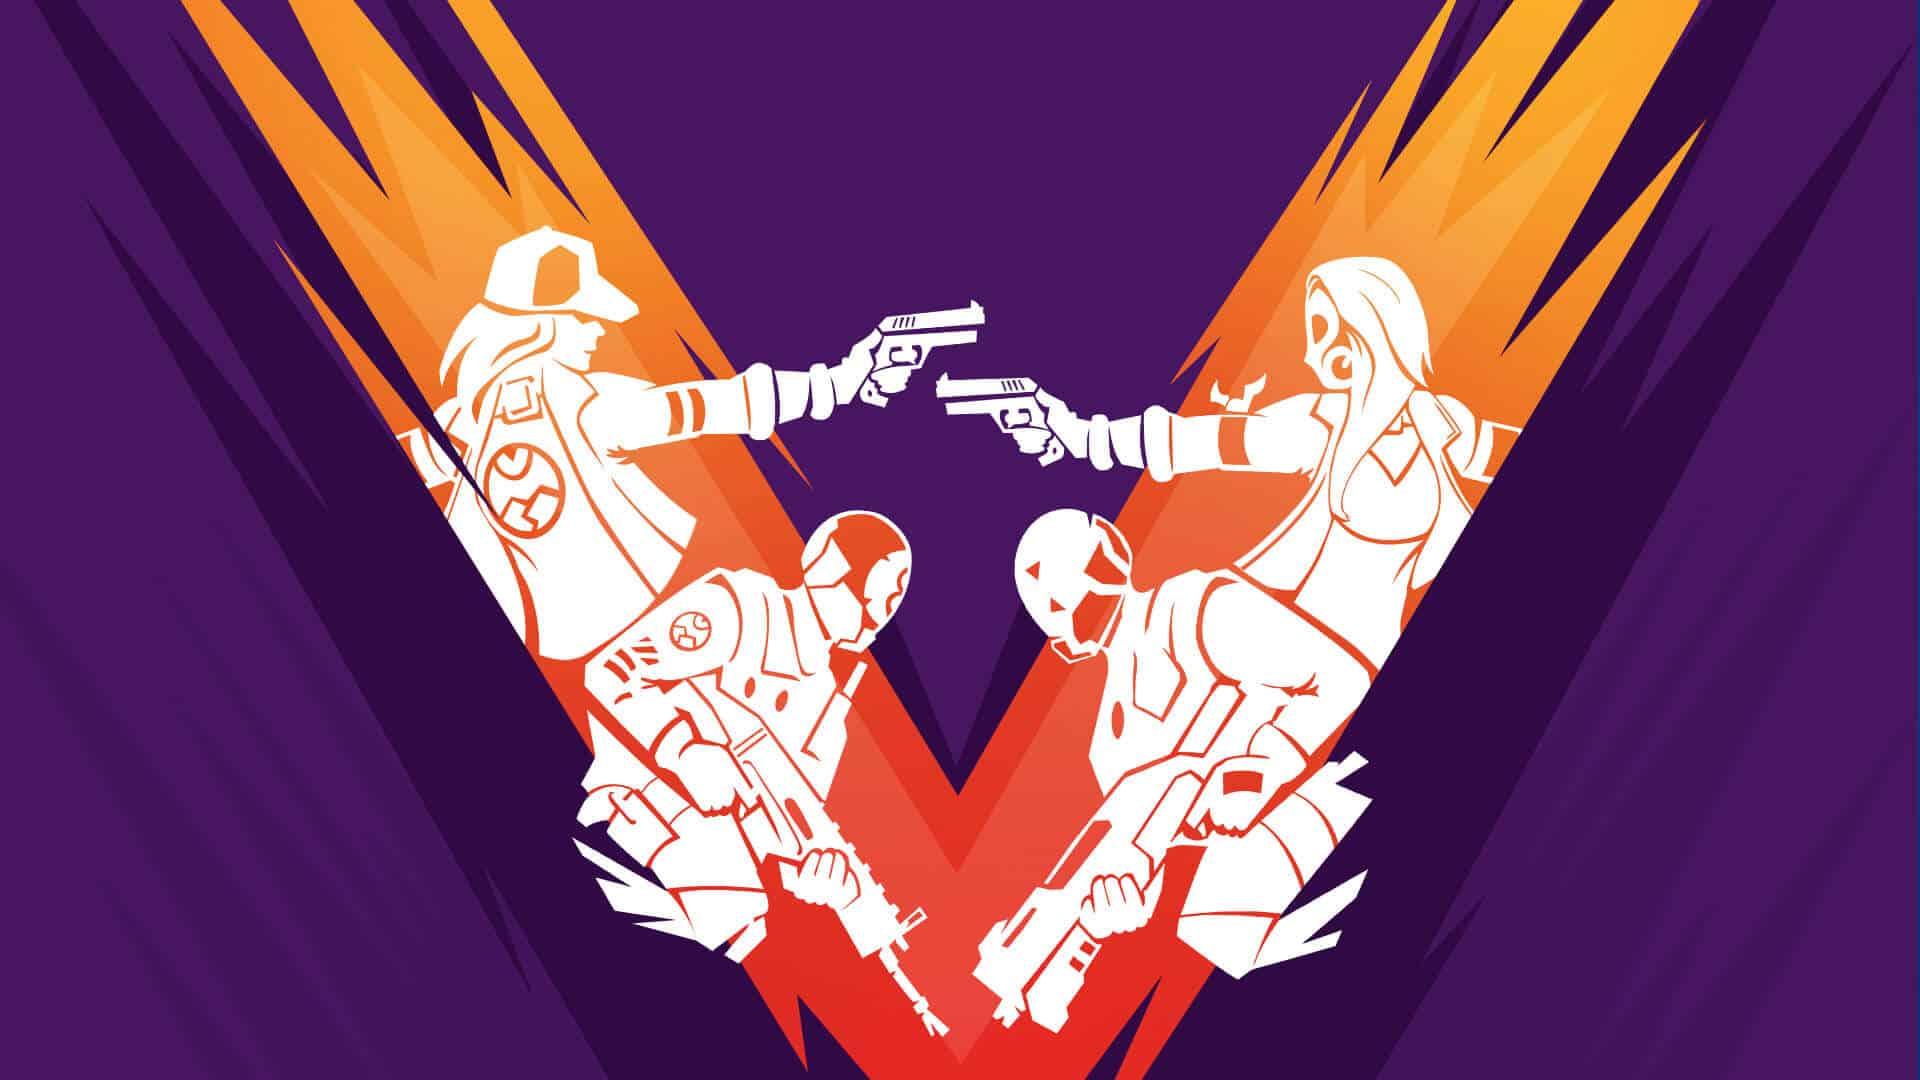 vignette-fortnite-patch-11-10-fortnitemares-saison-11-chapitre-2-saison-1